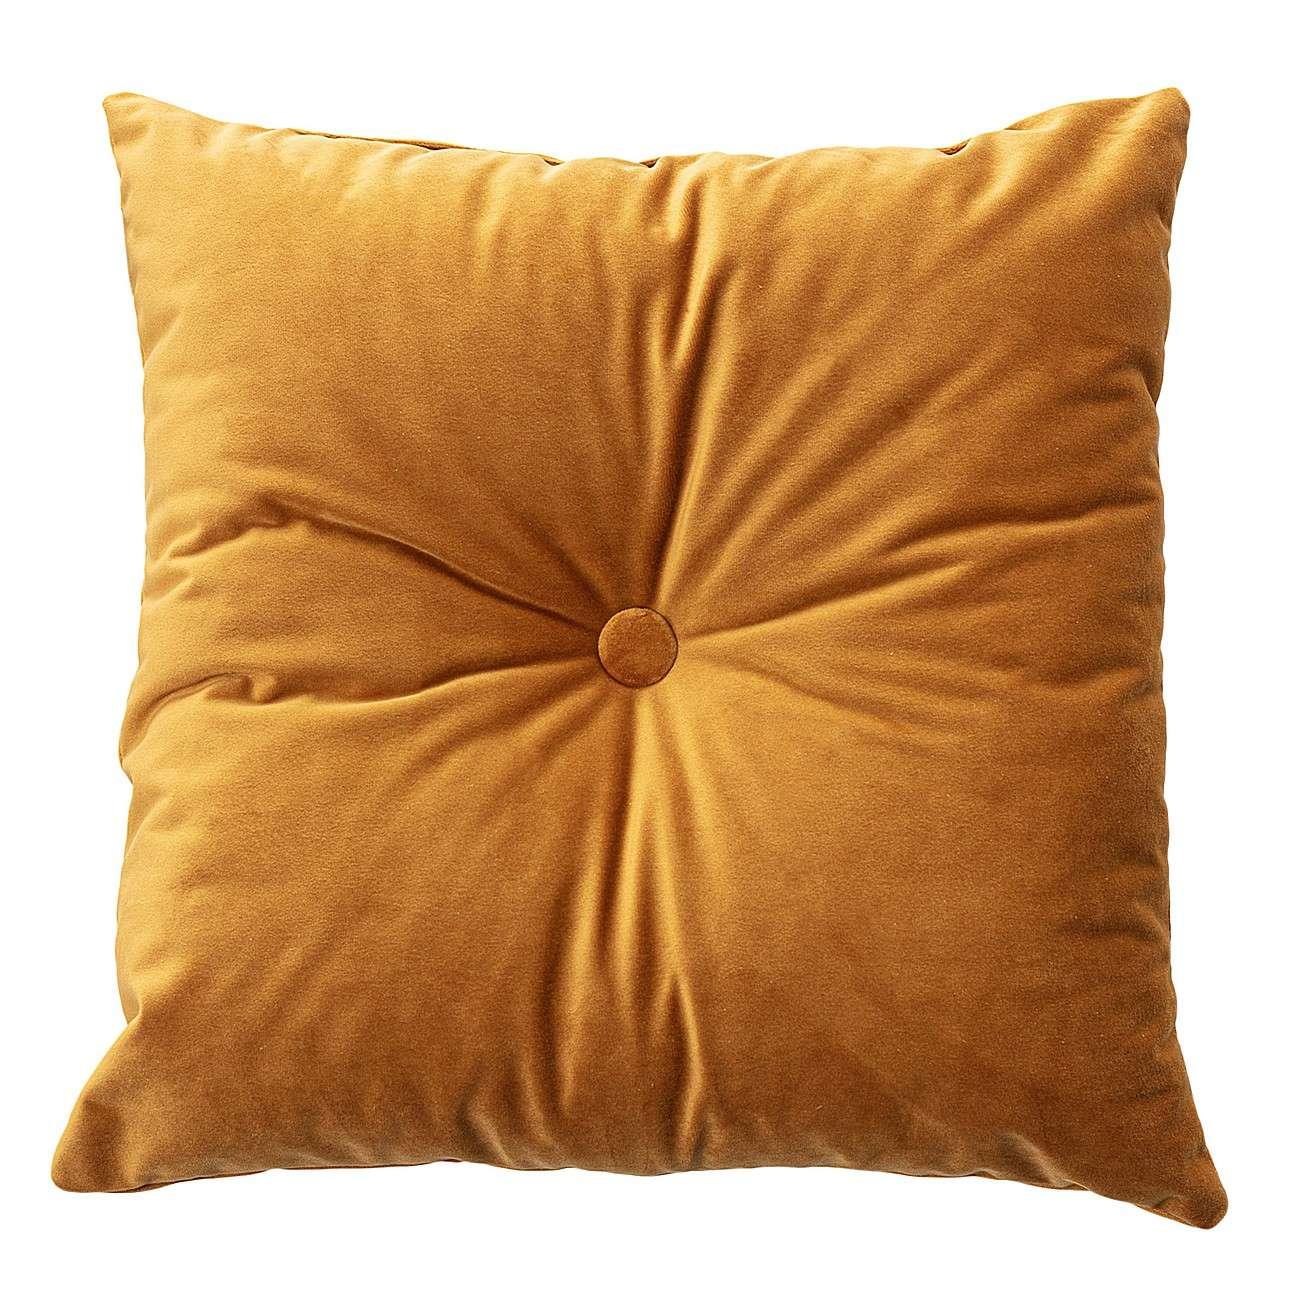 Poduszka kwadratowa Velvet z guzikiem w kolekcji Velvet, tkanina: 704-23